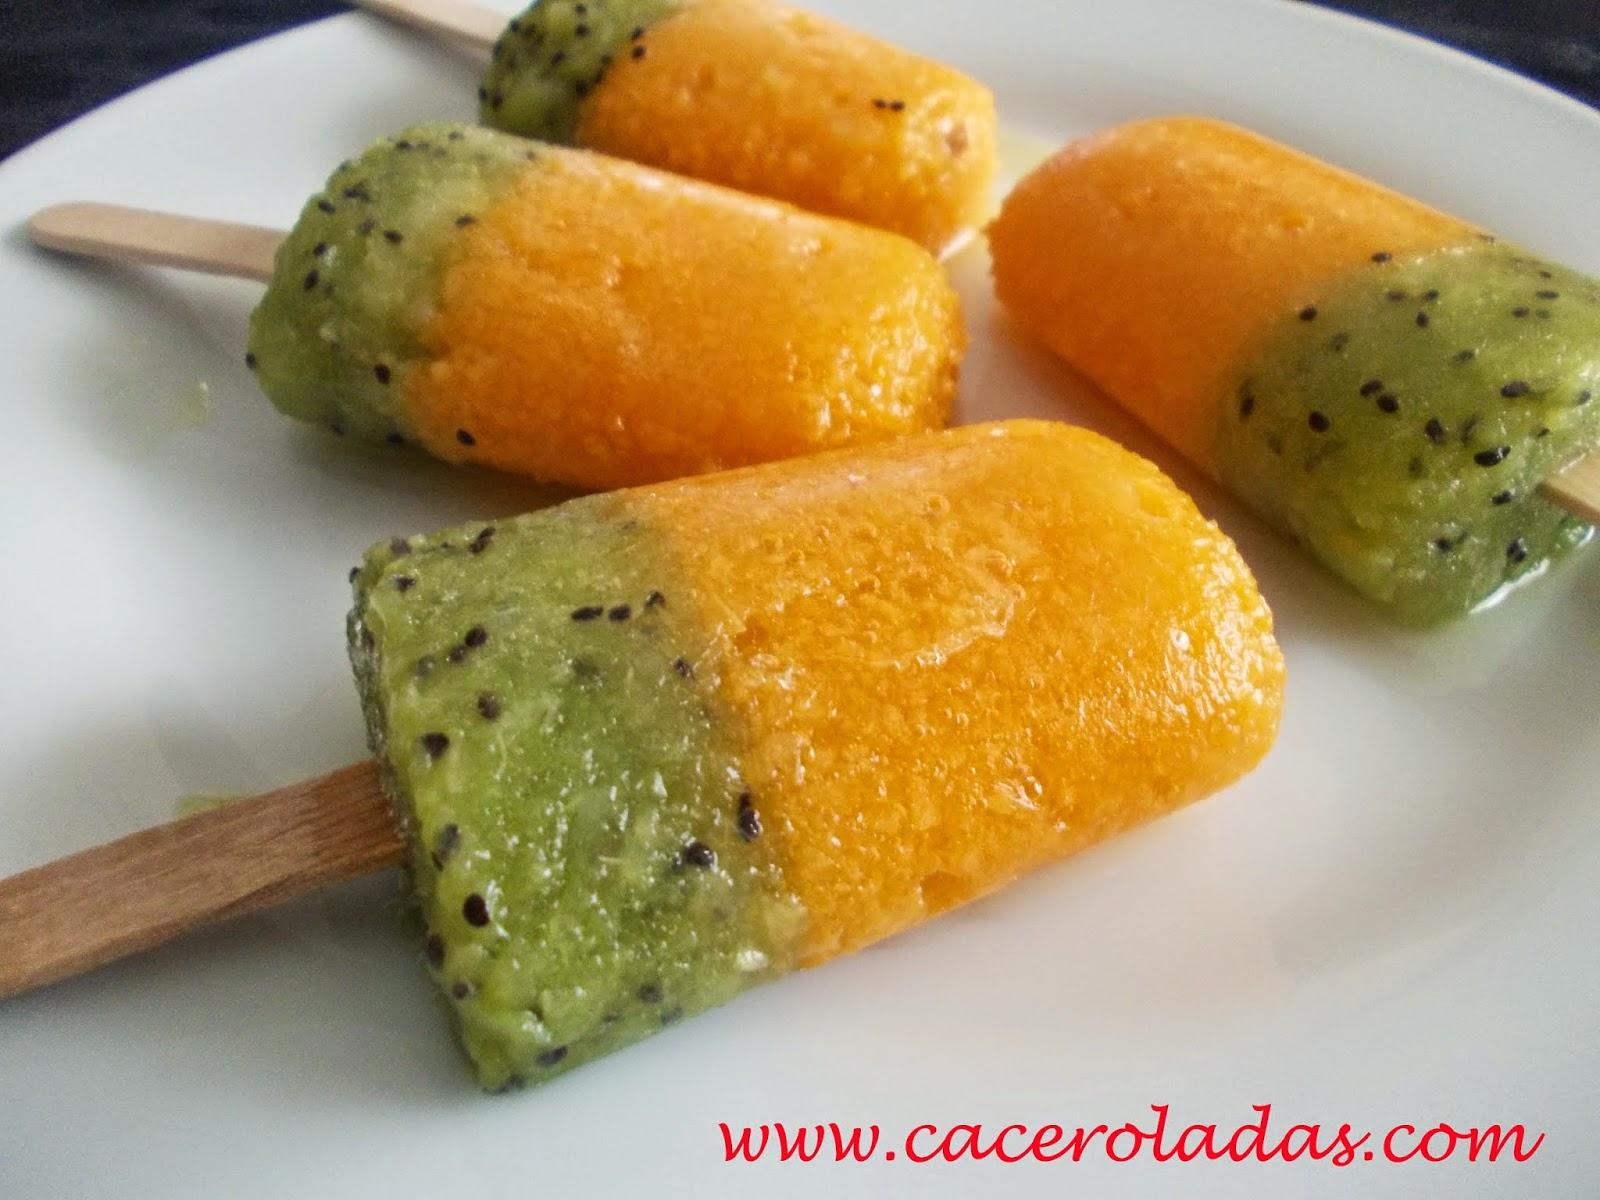 Polos o helados naturales de kiwi y melocotón